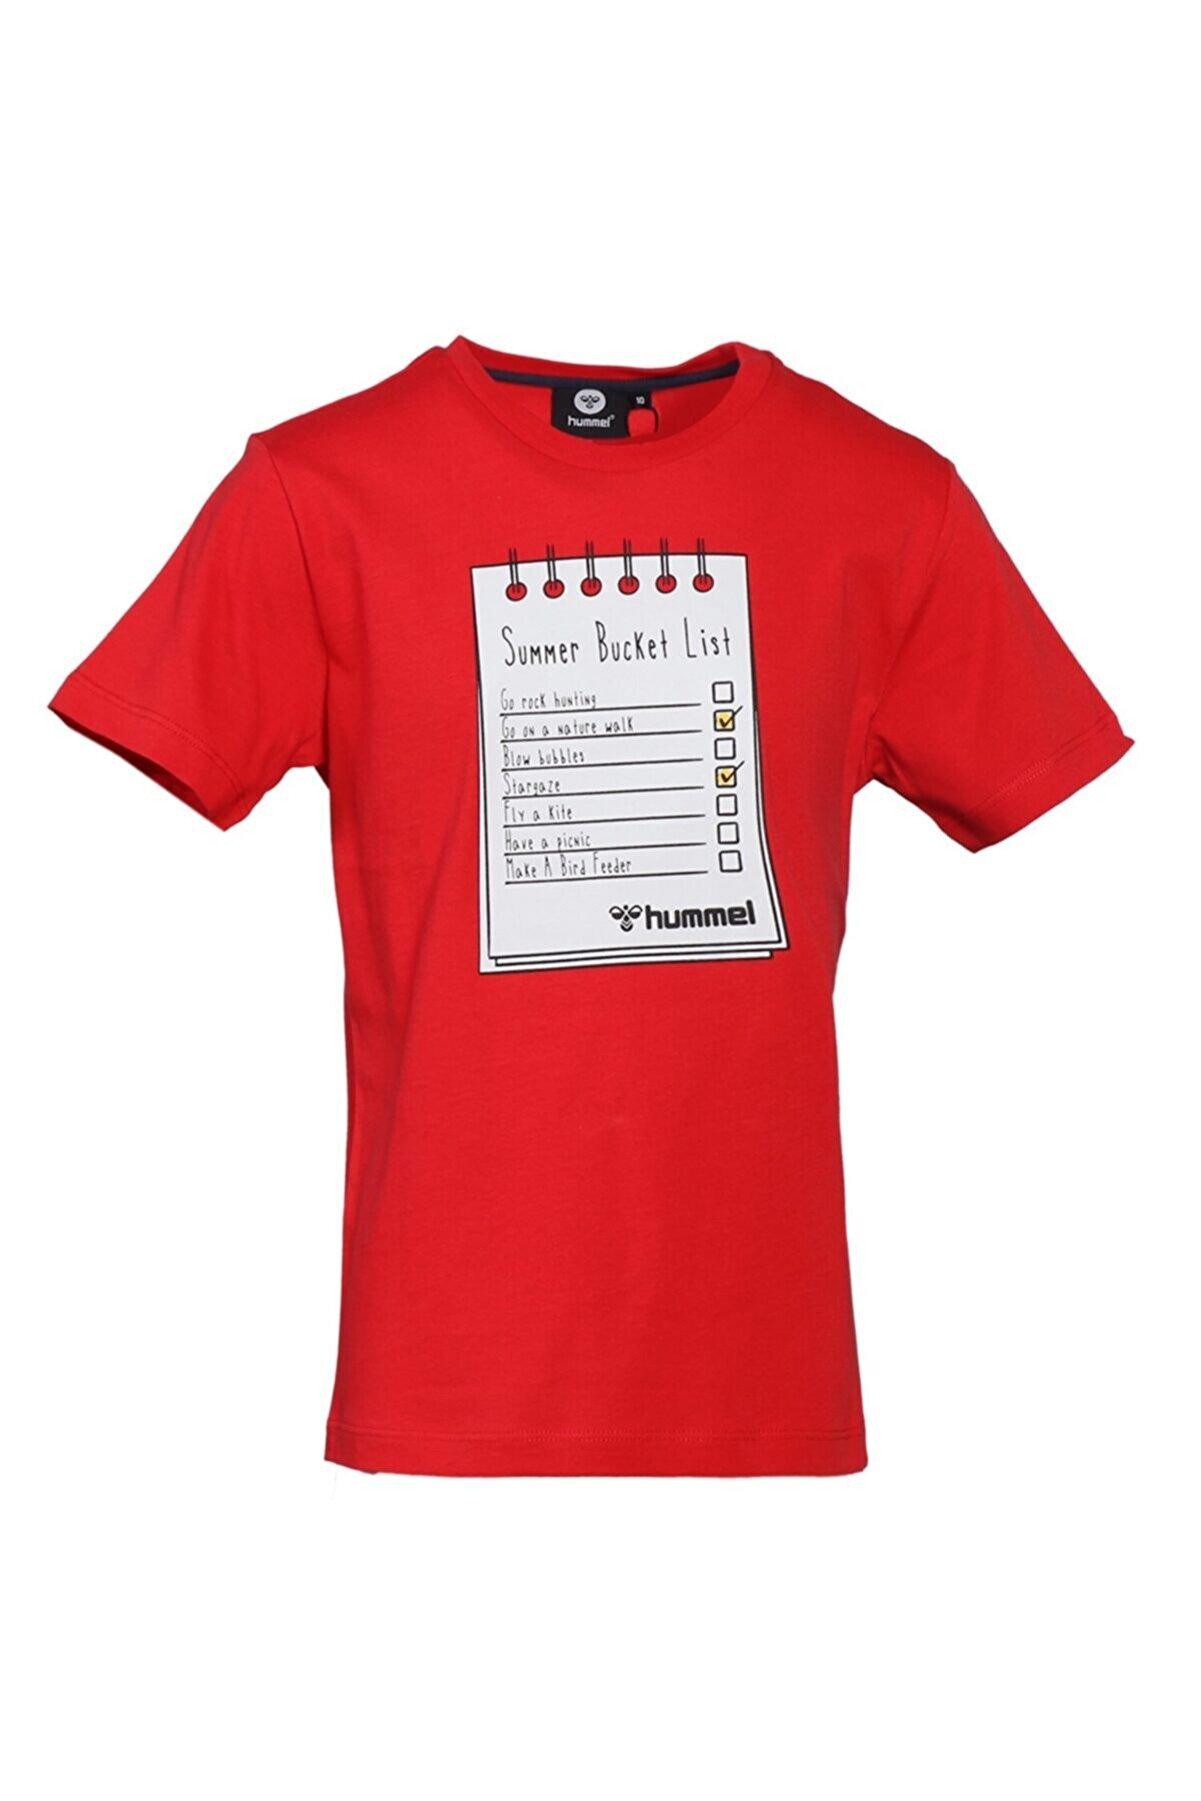 HUMMEL HMLBUCKET T-SHIRT Kırmızı Erkek Çocuk T-Shirt 101086293